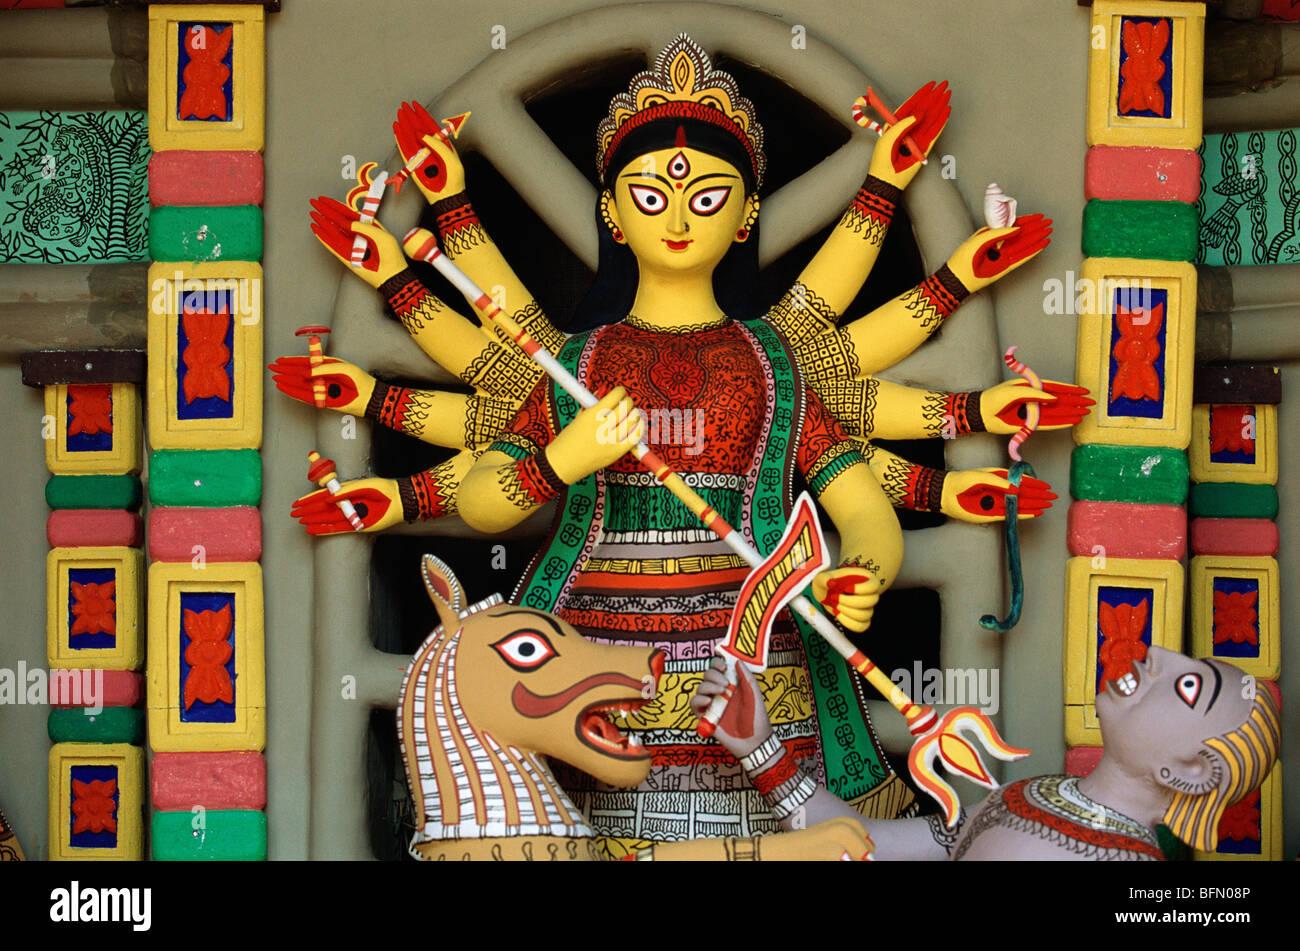 BPM 60883 : Durga Puja ; stylised goddess idol mounted on lion killing demon festival of India - Stock Image